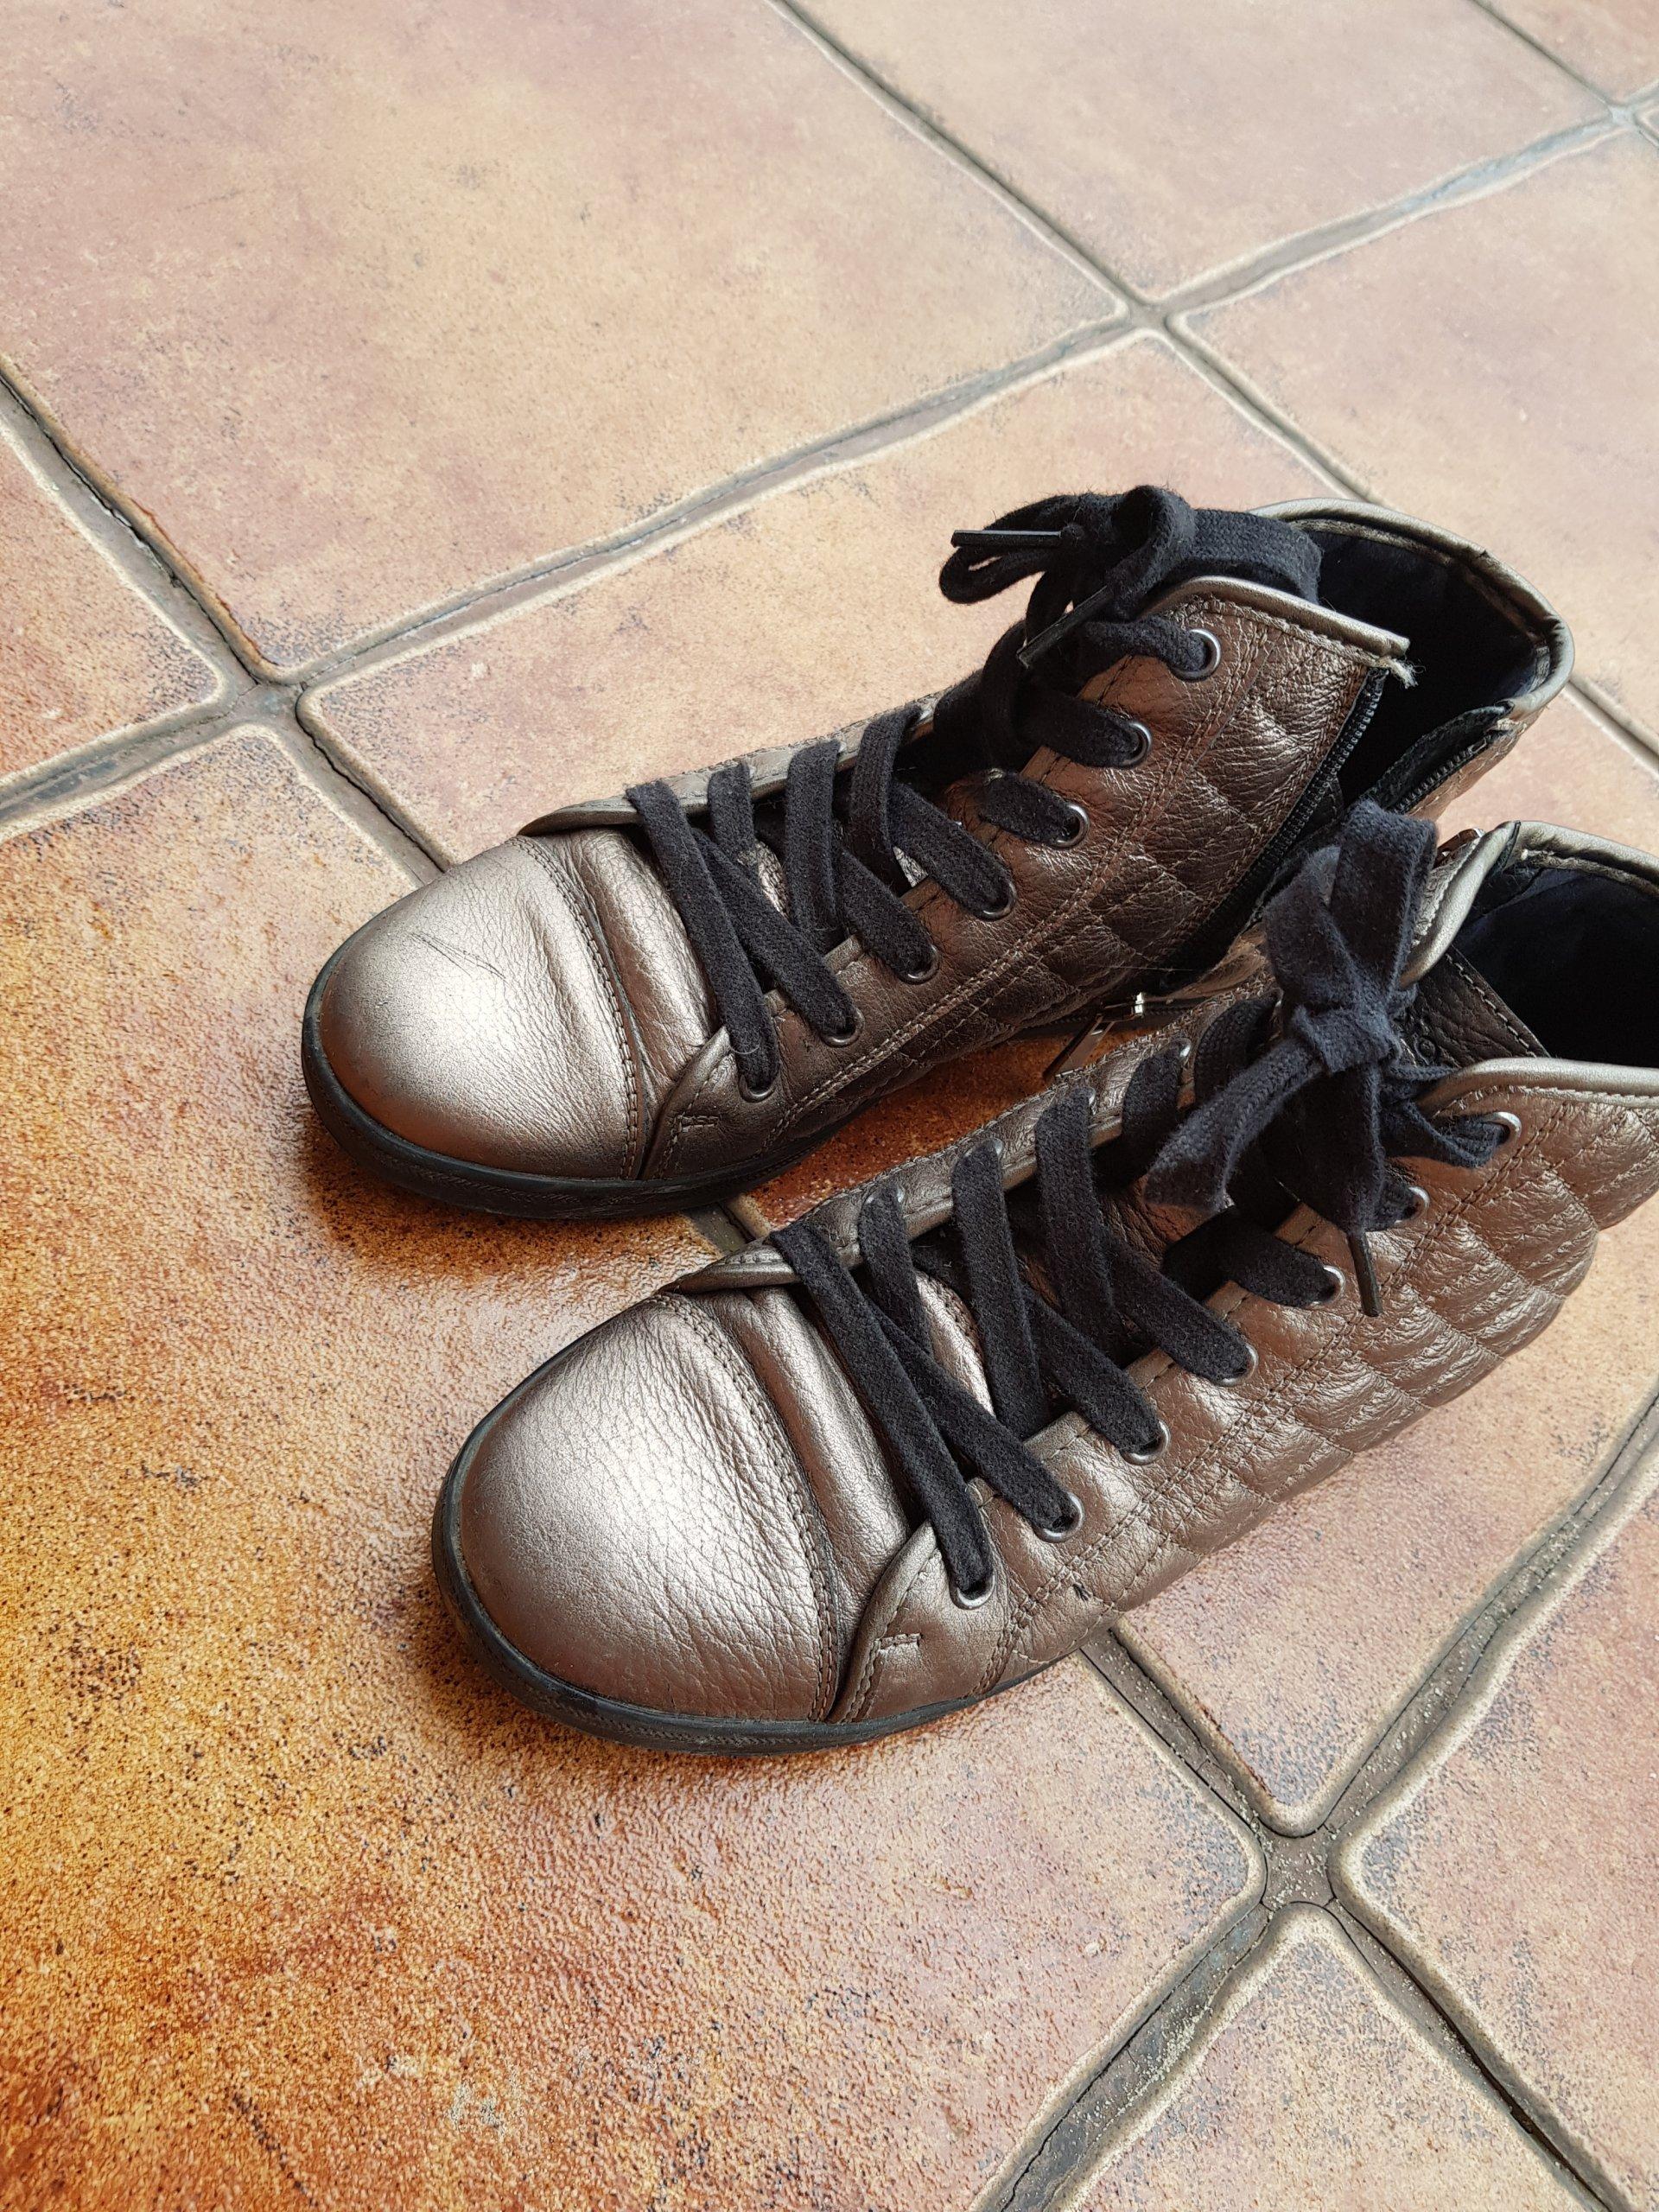 dfc4fbabc3eaf Trampki sneakersy wojas 37 - 7408493983 - oficjalne archiwum allegro